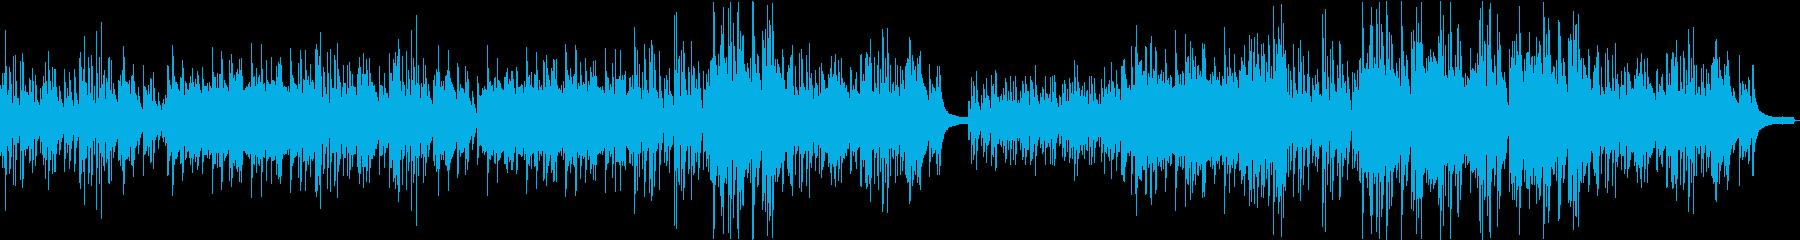 せつなくあかるいピアノの再生済みの波形